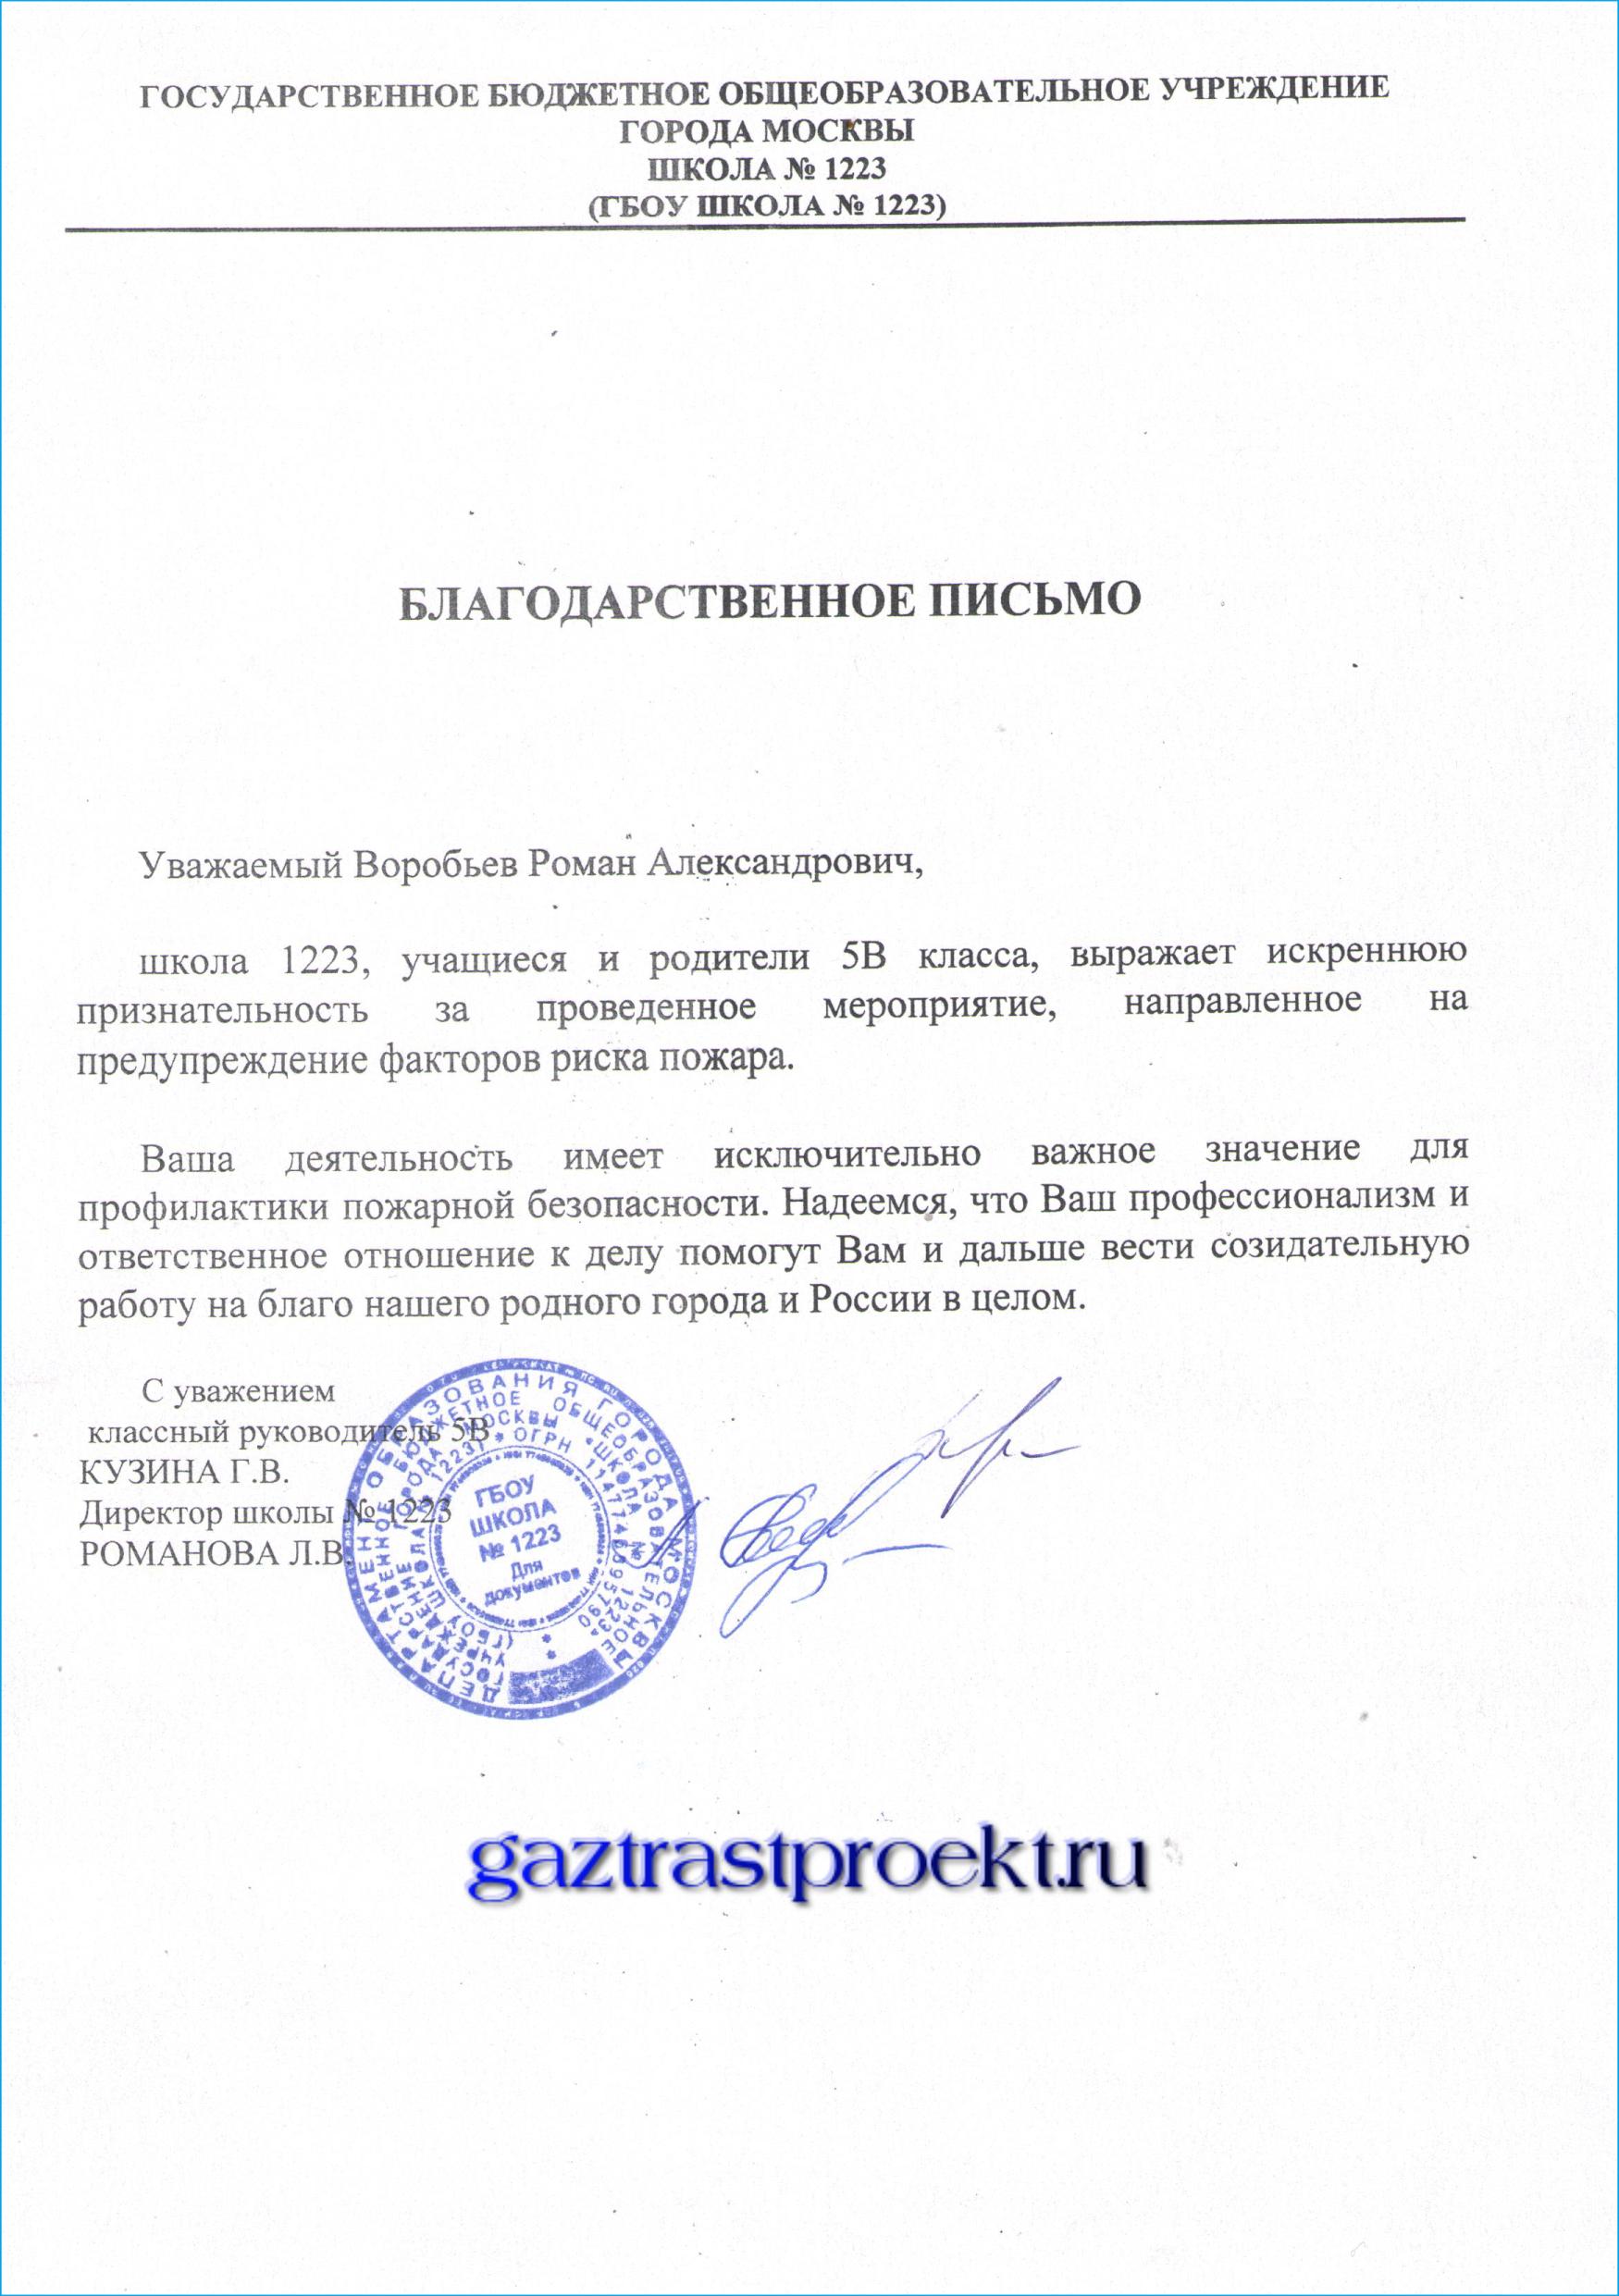 Благодарственное письмо ГАЗТРАСТПРОЕКТ Москва